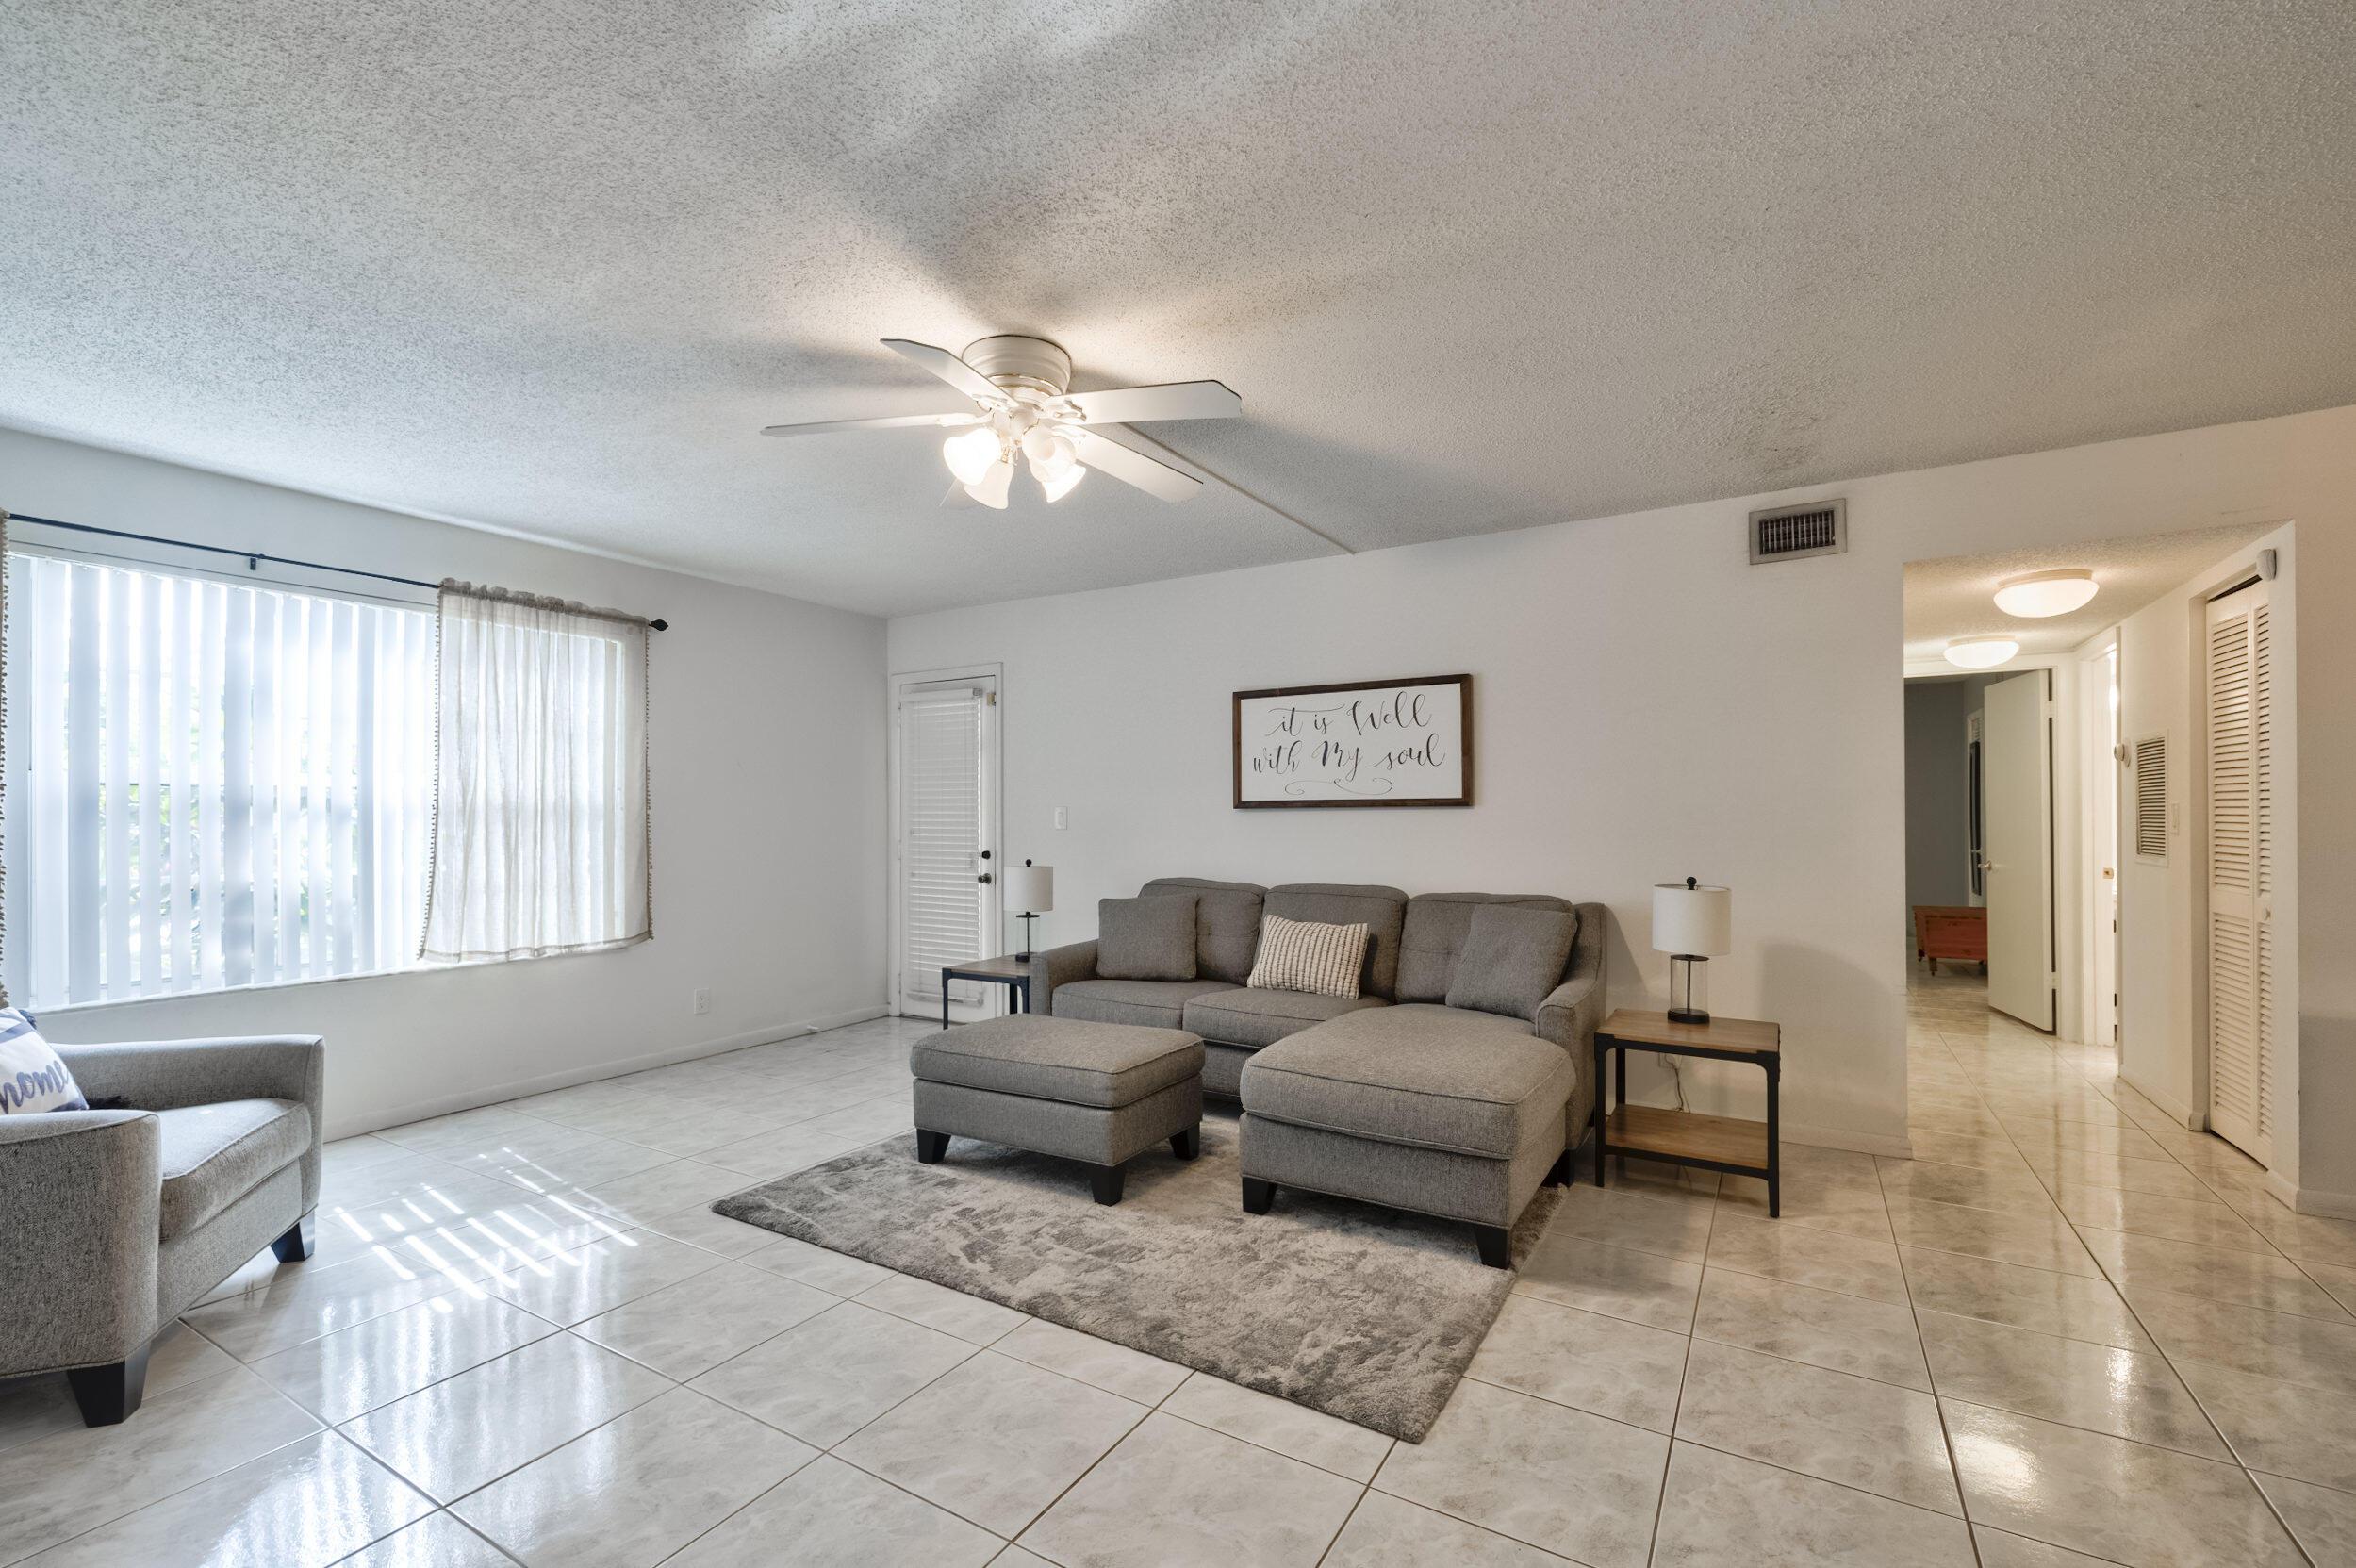 Home for sale in La Bonne Vie Pompano Beach Florida